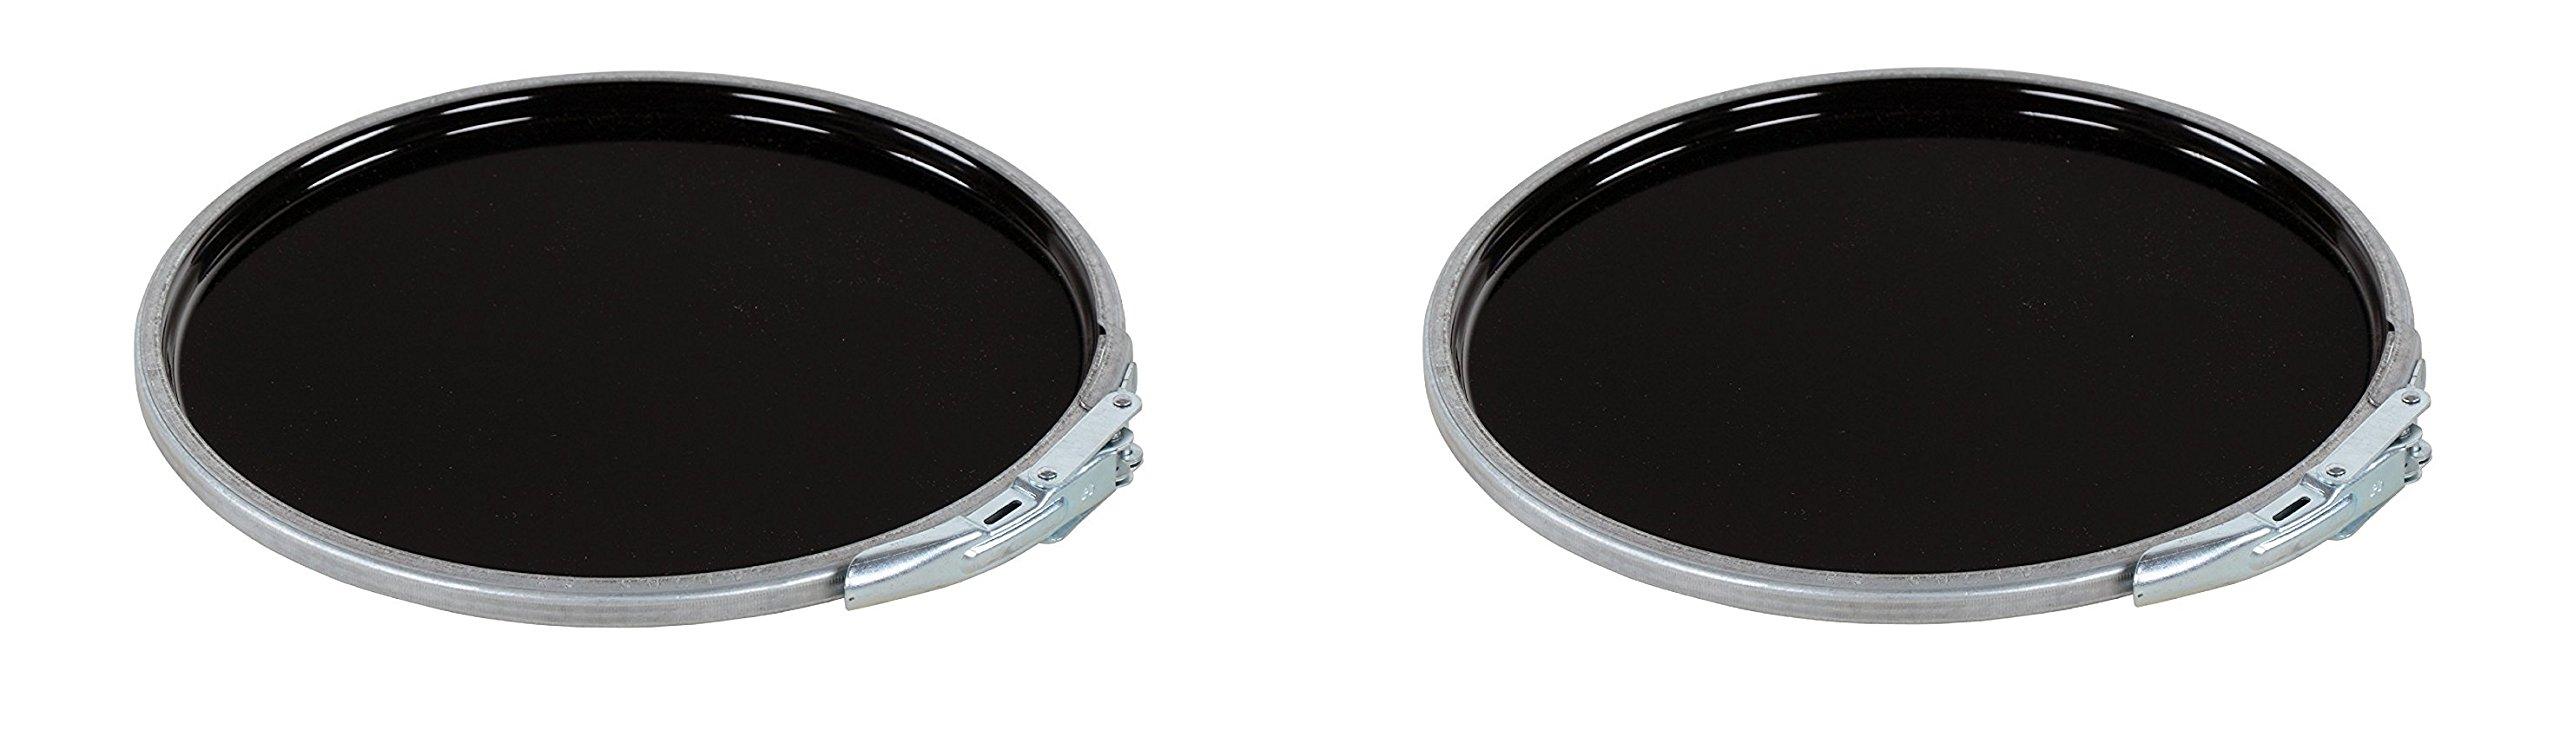 Vestil LID-STL-LL Steel Lever Lock Pail Lid, for 5 Gallon, Black (Pack of 2)